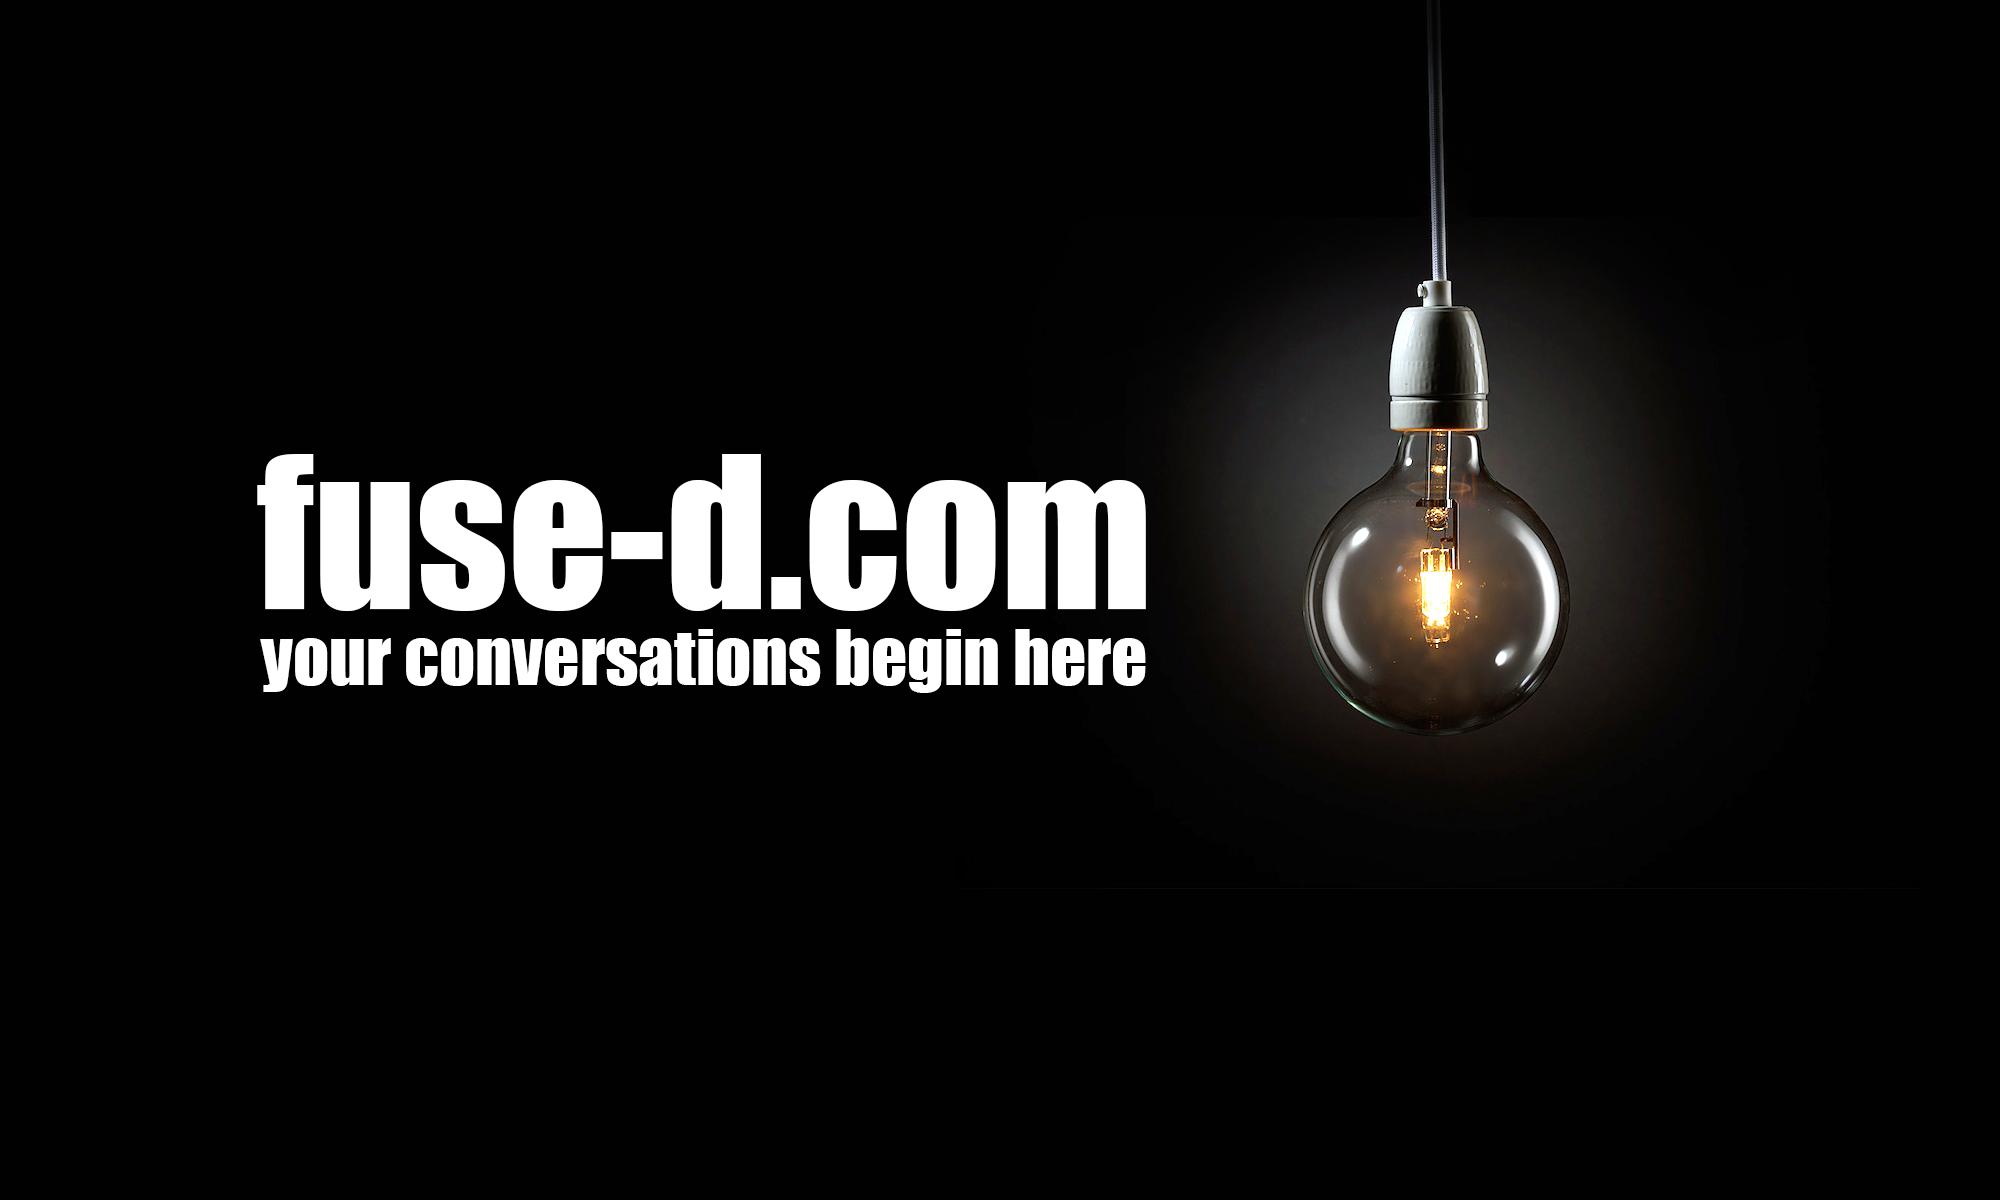 fuse-d.com